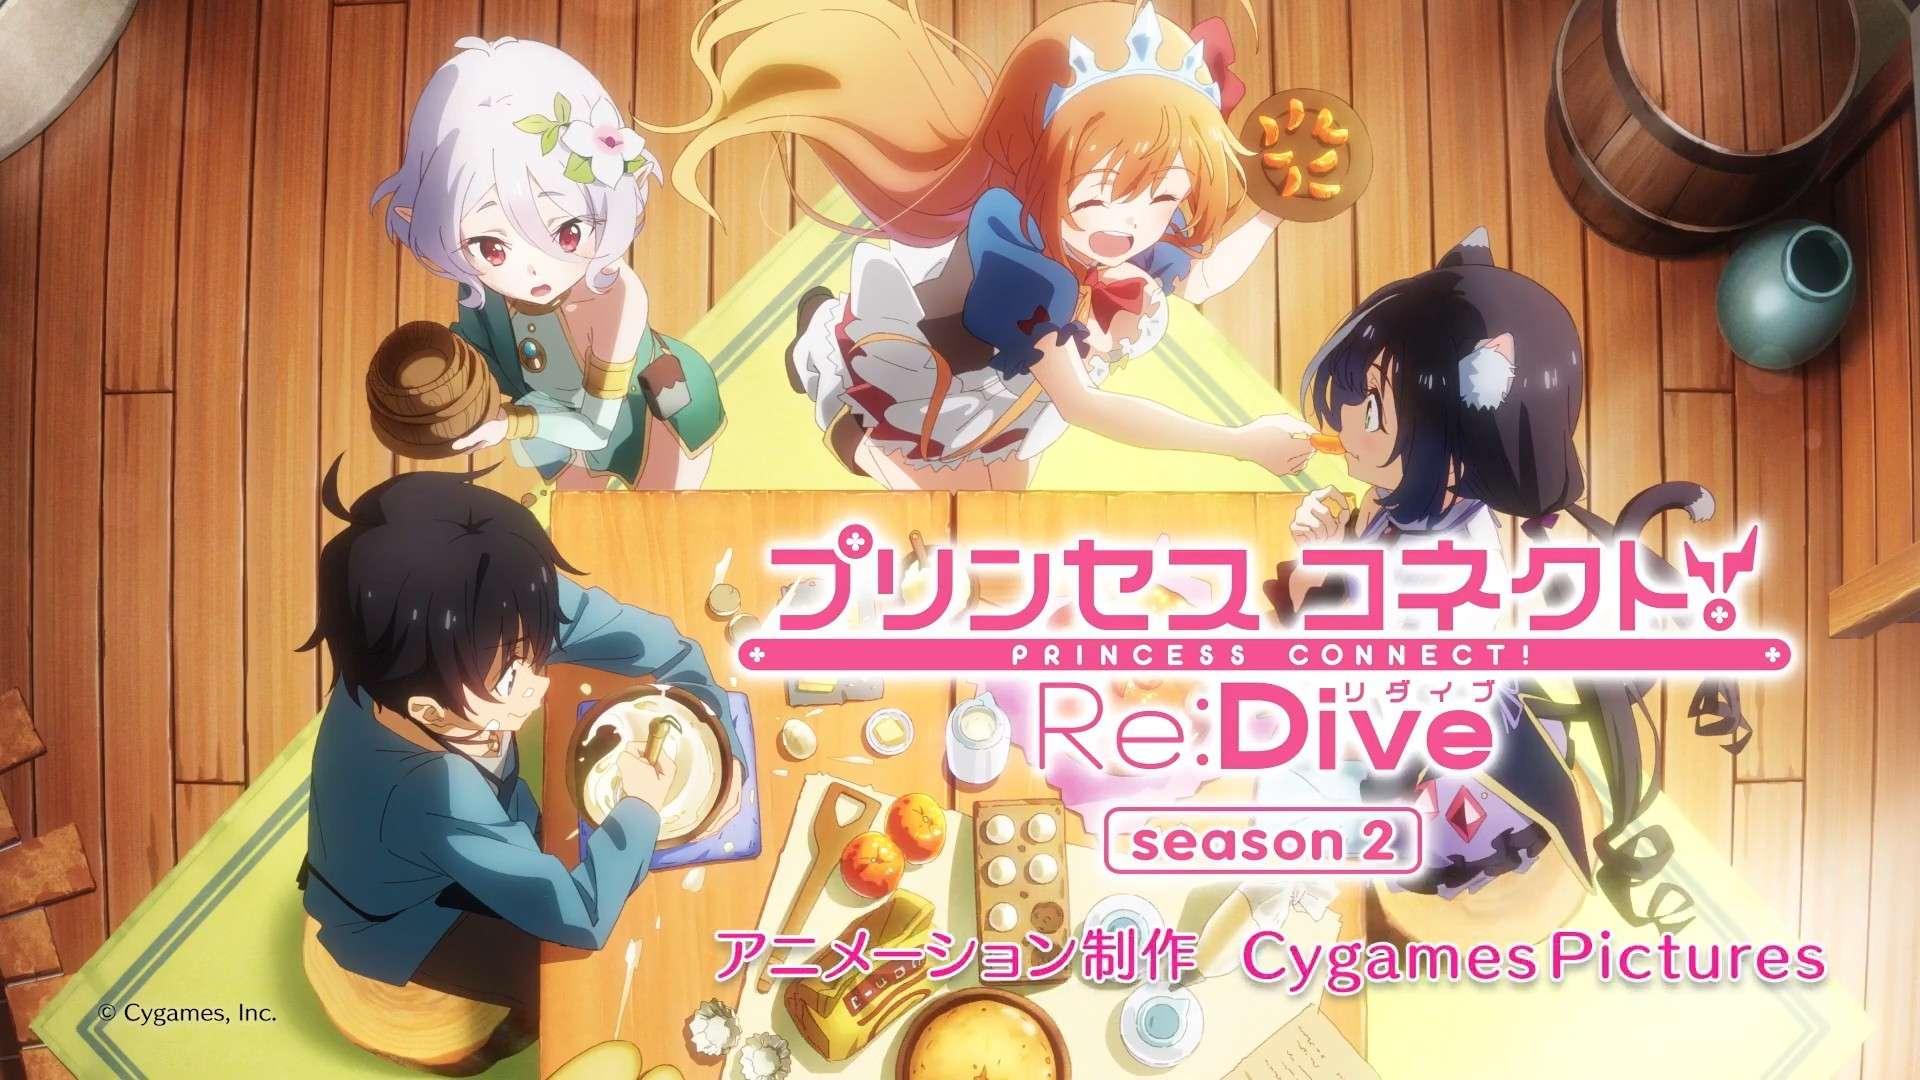 【资讯】《公主连结!Re:Dive》第二季制作决定